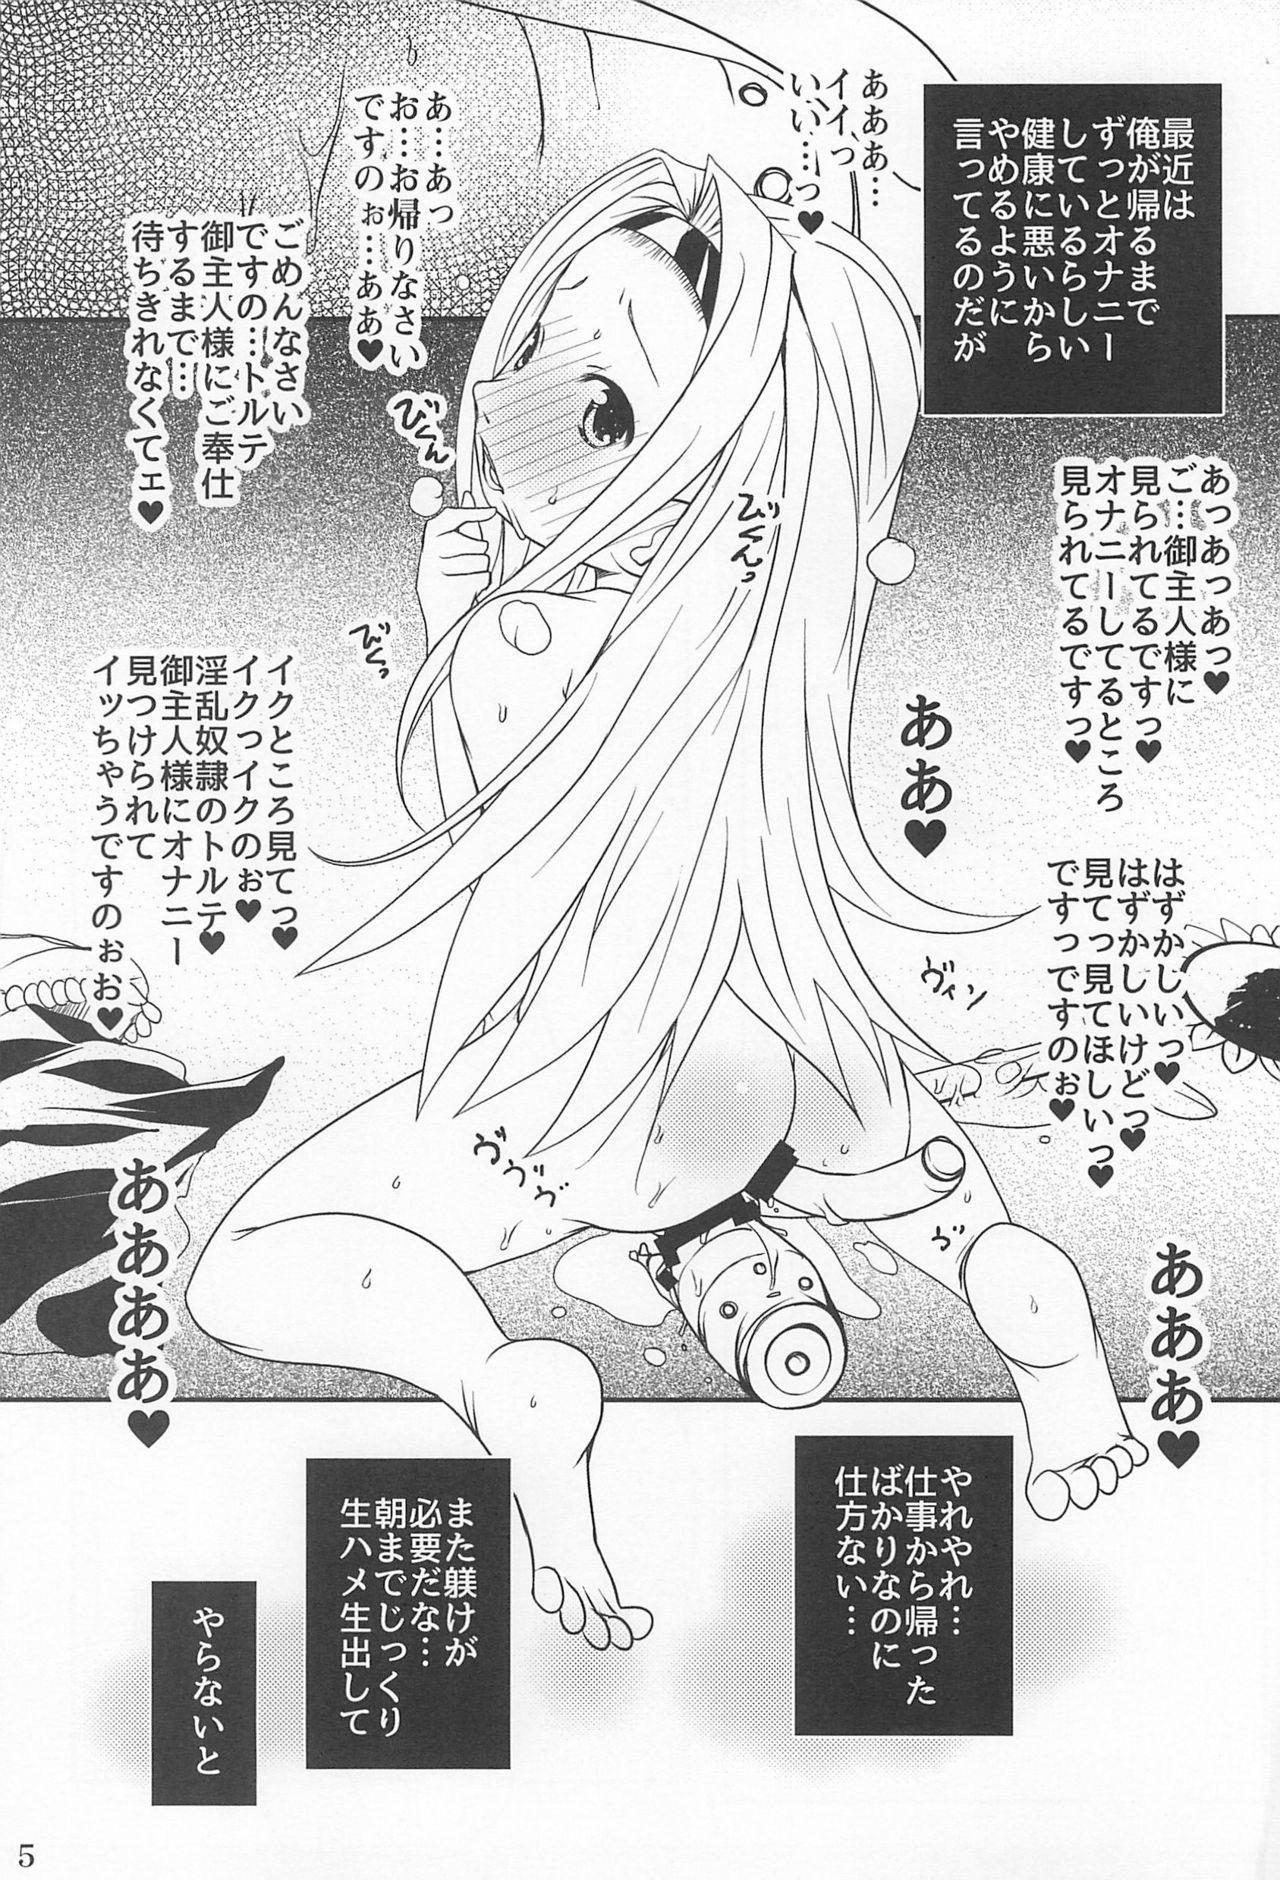 Suitekiya 10 Shuunen Kinen no Hon 4